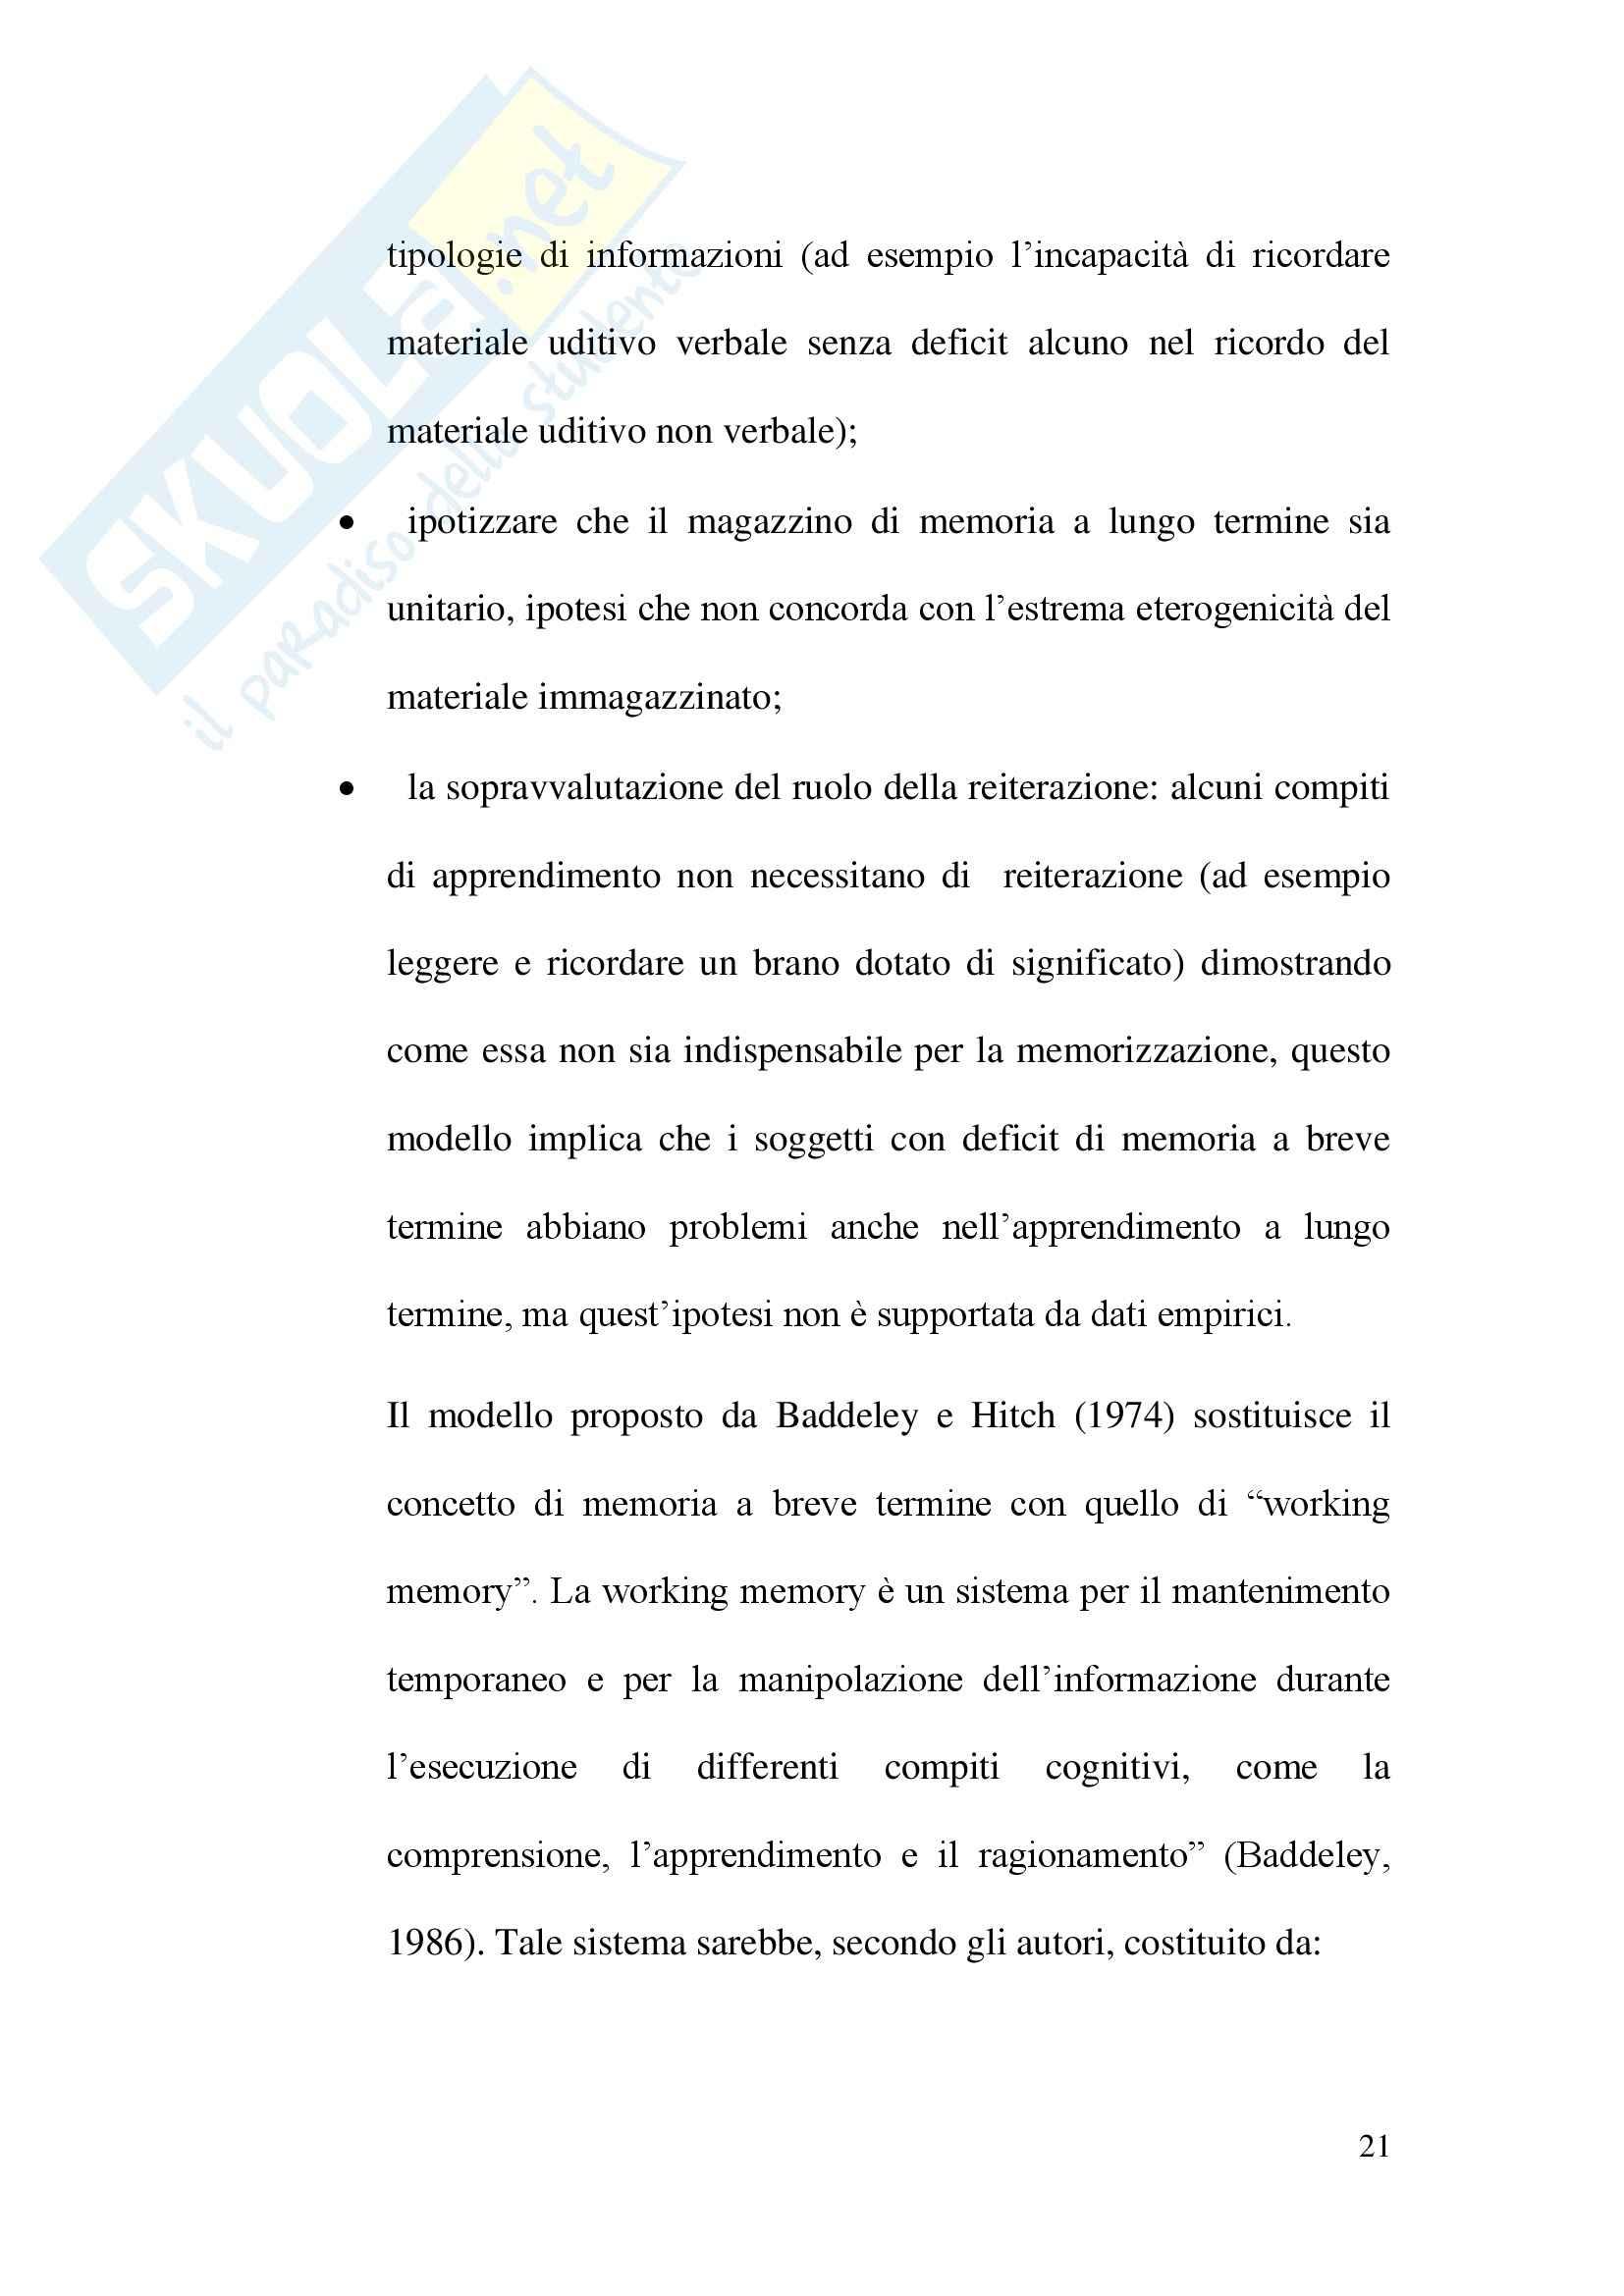 Tesi - Effetti della reiterazione subvocalica in un compito di discriminazione temporale Pag. 21